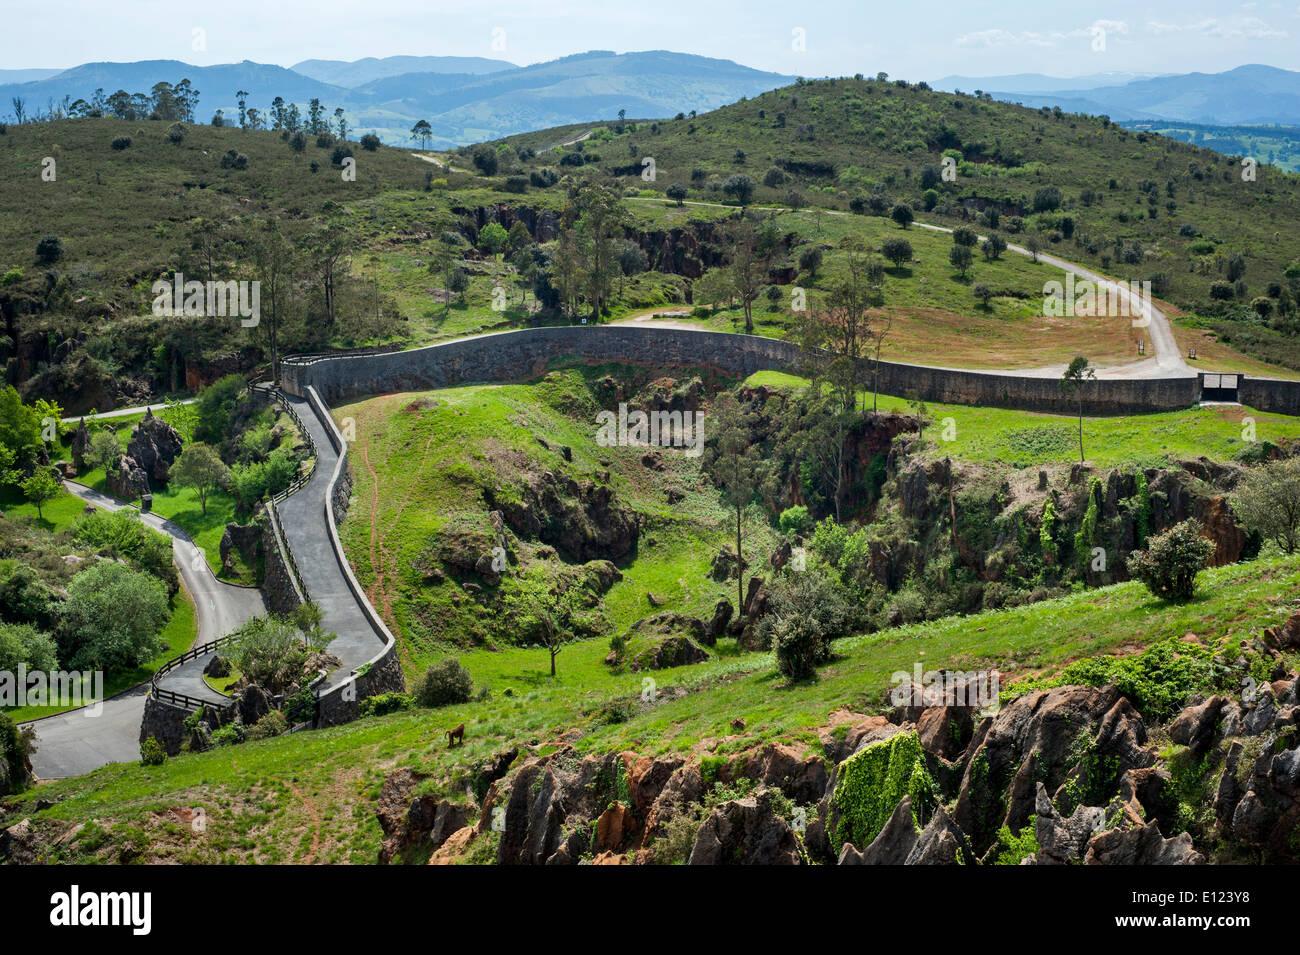 Enclosure at the Cabarceno Natural Park, Penagos, Cantabria, Spain - Stock Image